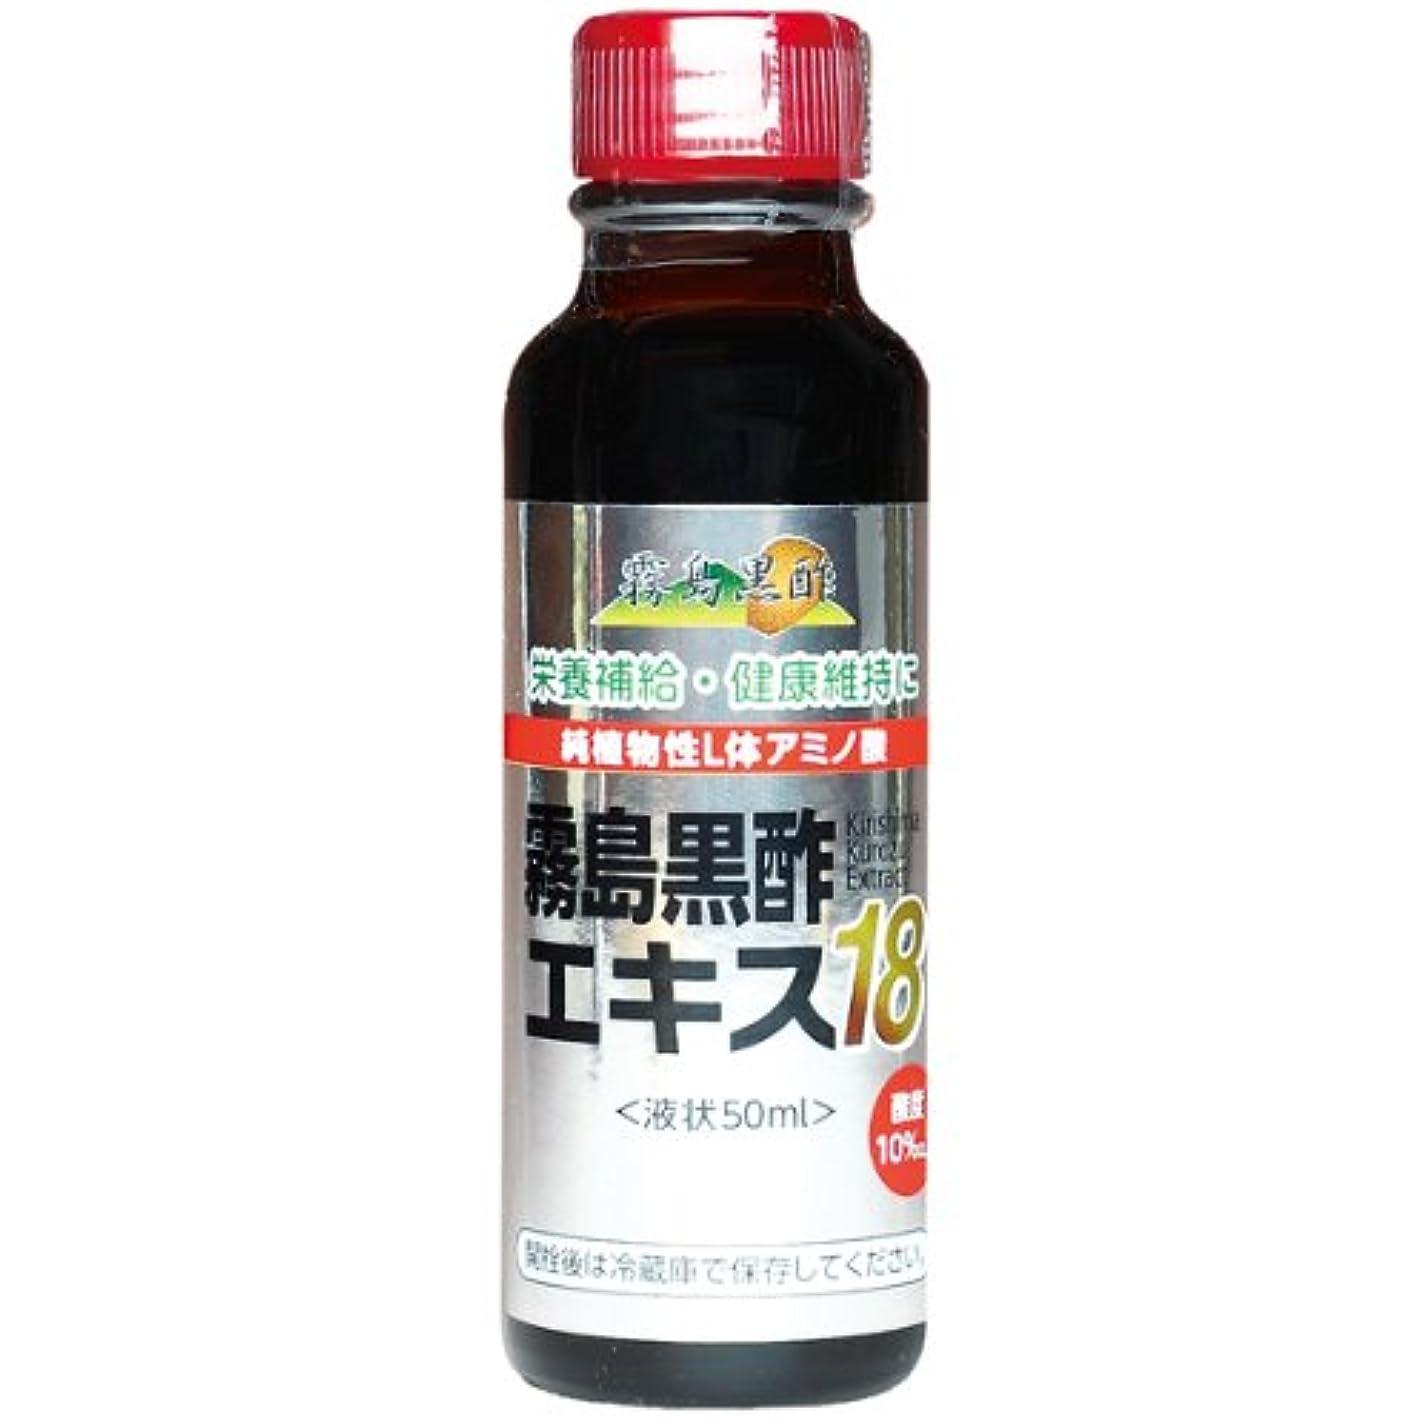 元気な植木境界霧島黒酢 エキス18 50ml